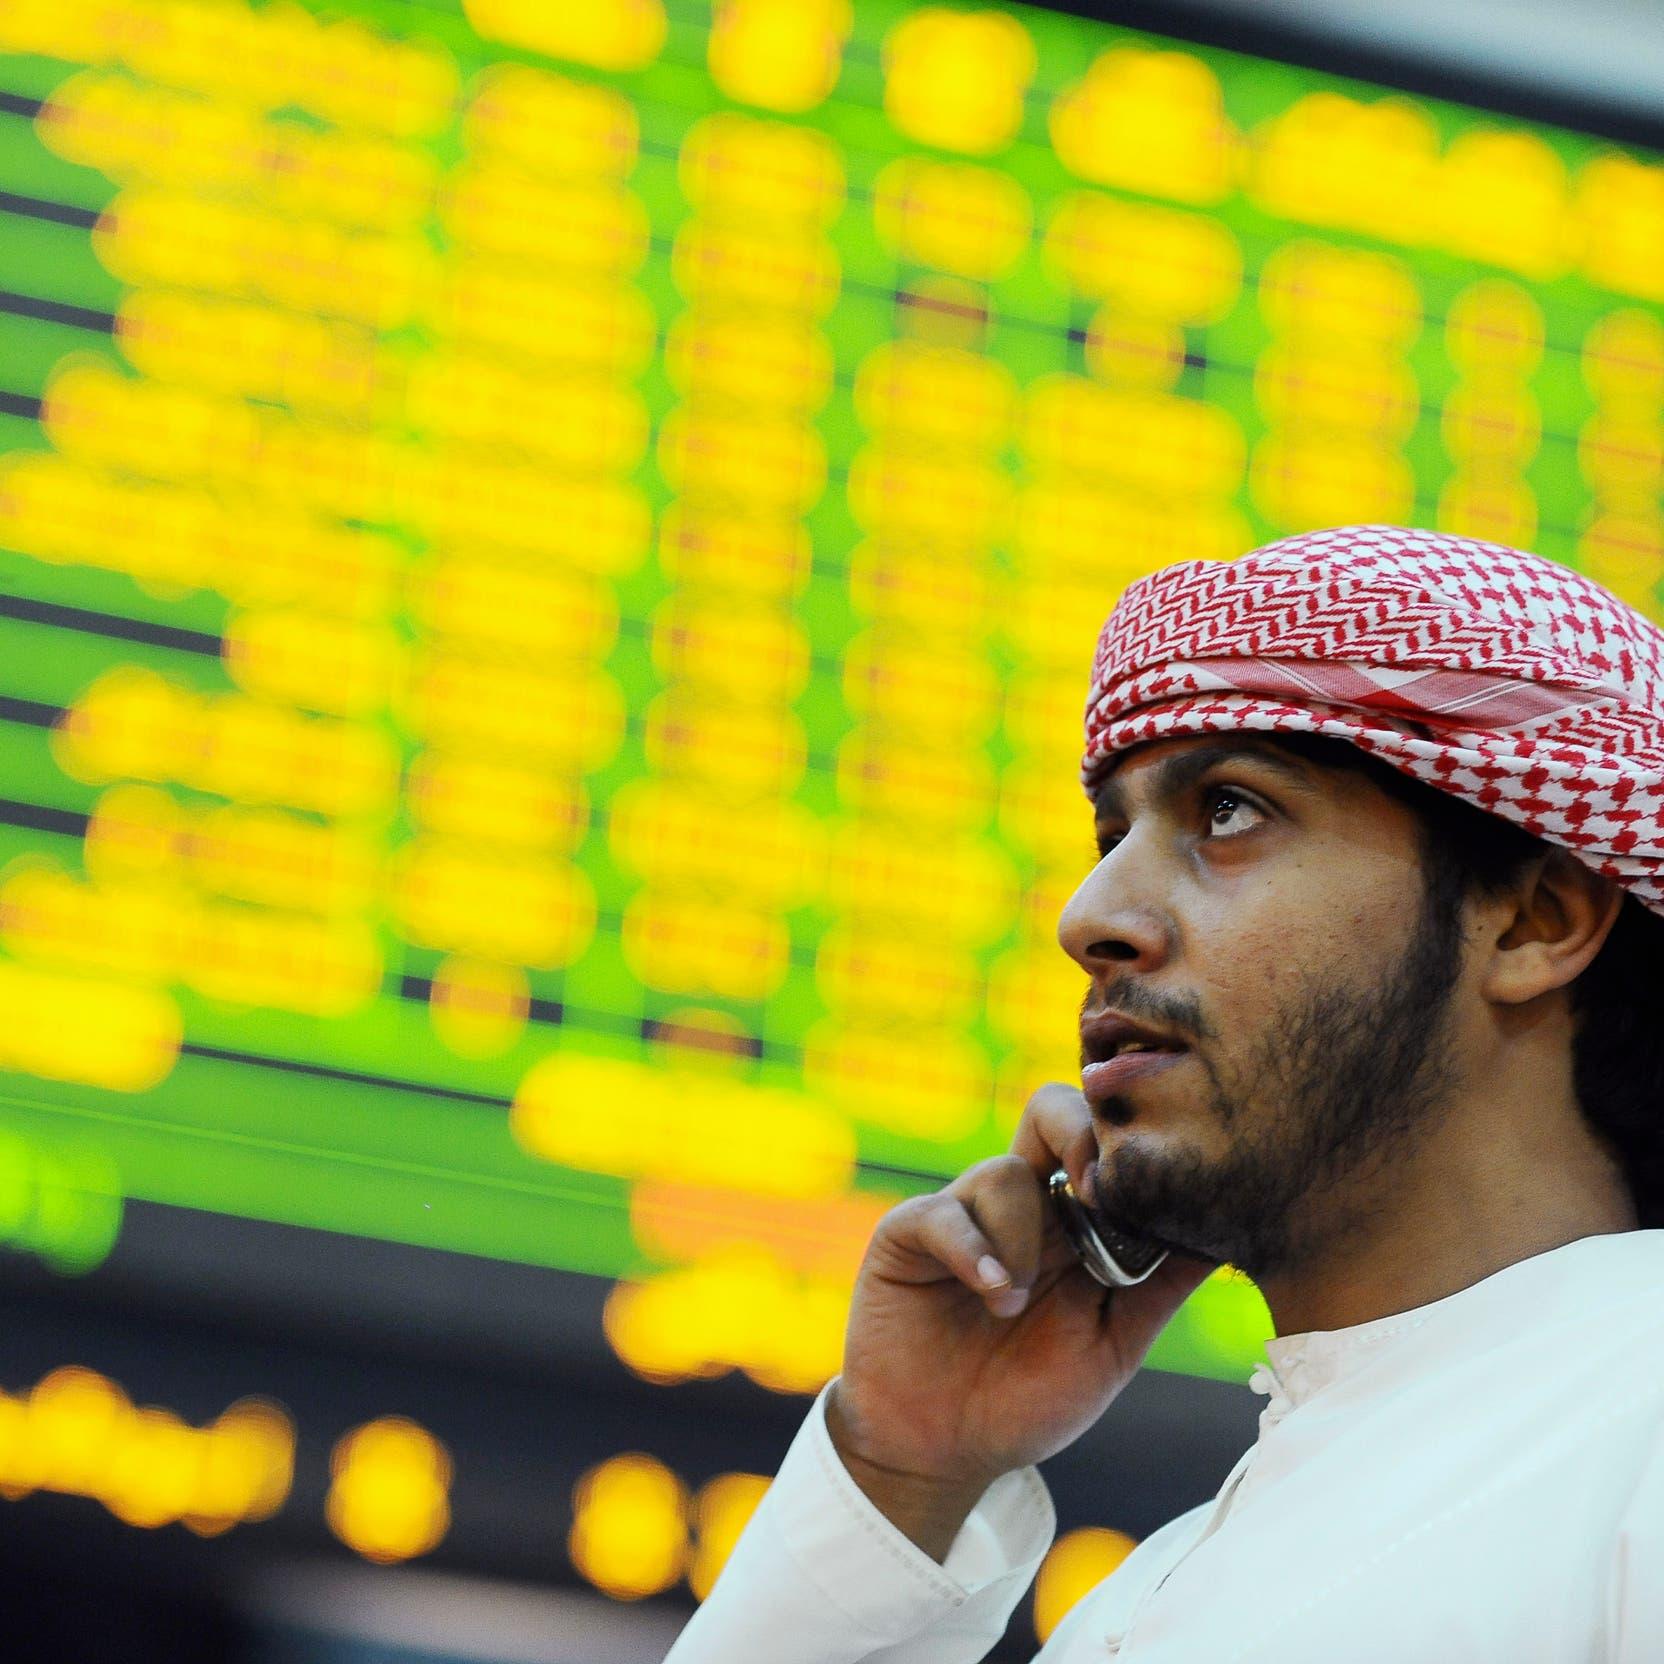 الإمارات تزيد زمن جلسات تداول الأسهم.. أبوظبي تخفض العمولات 50%